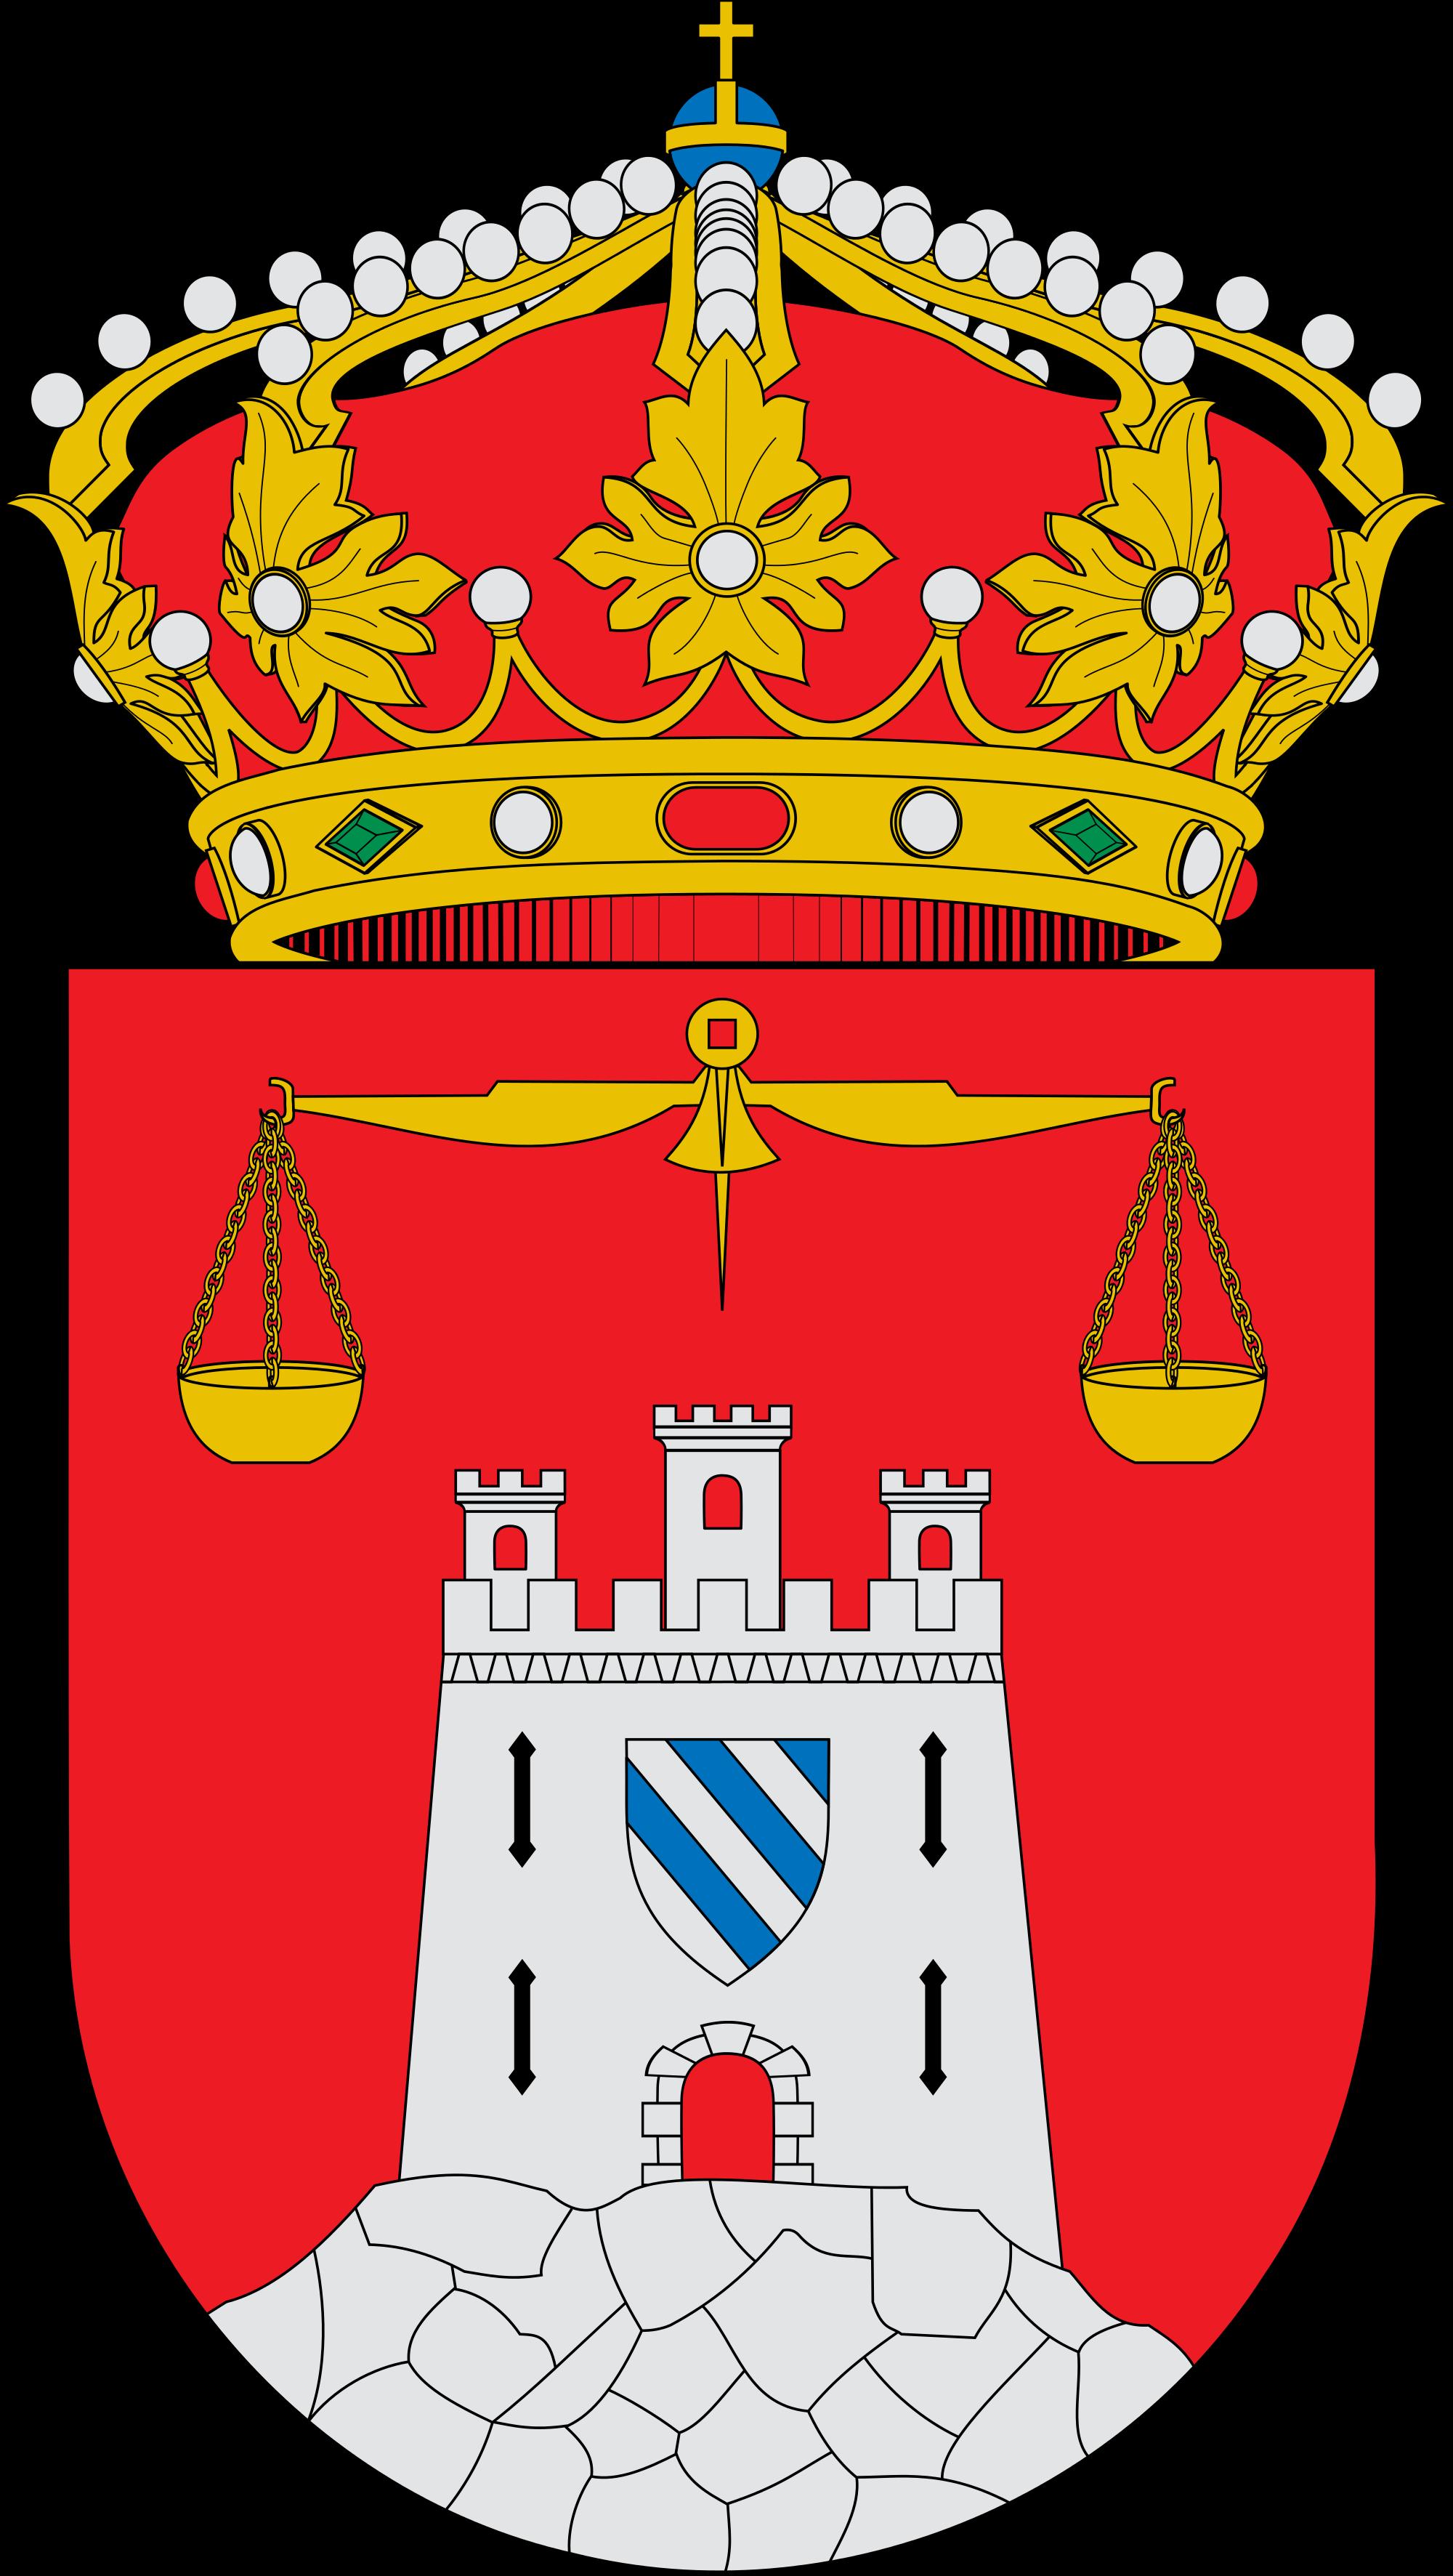 File:Escudo de Sestrica.svg.